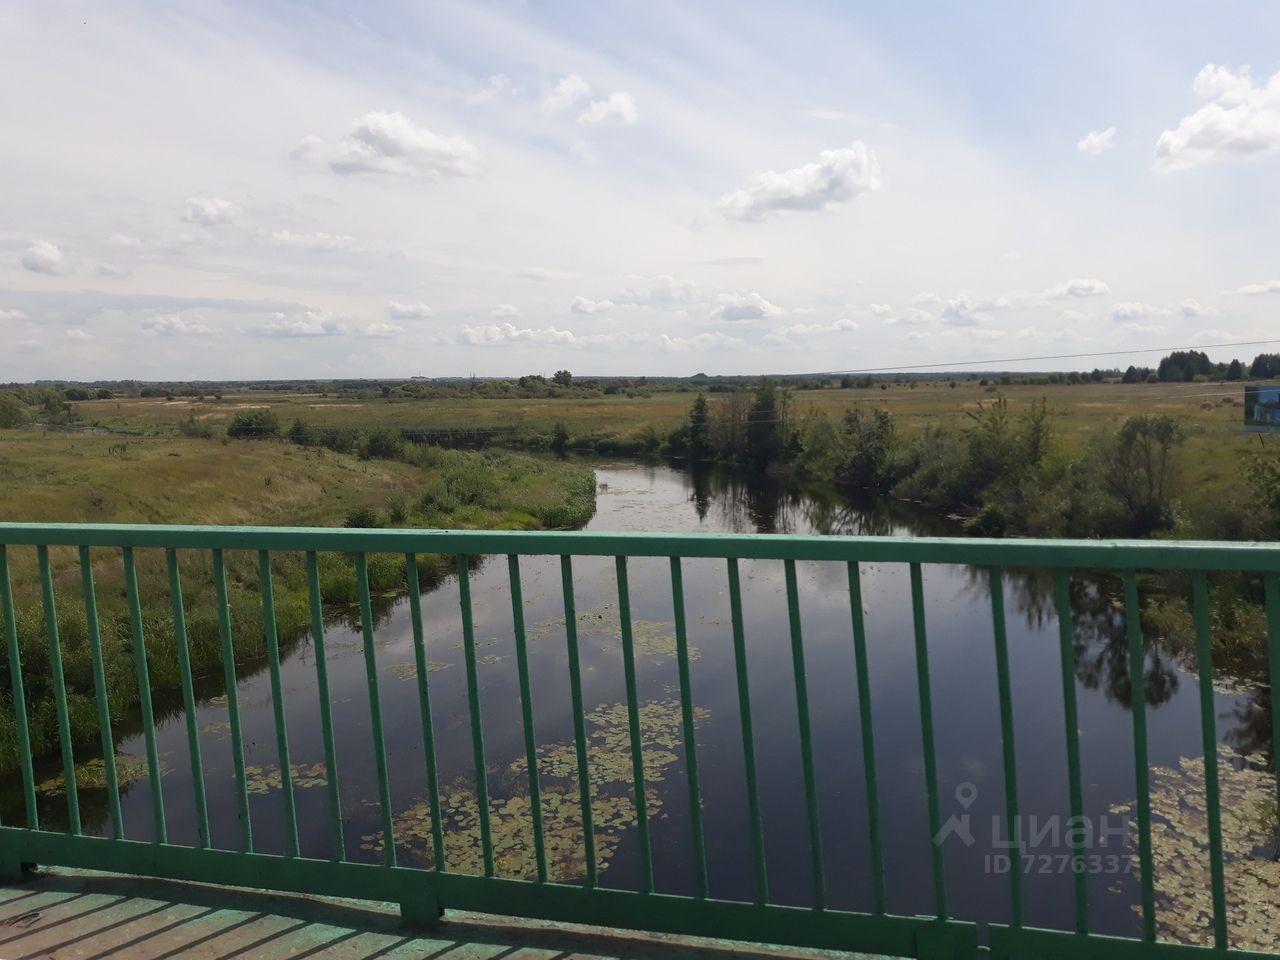 кандидат село никольское золотухинского района фотографии берет